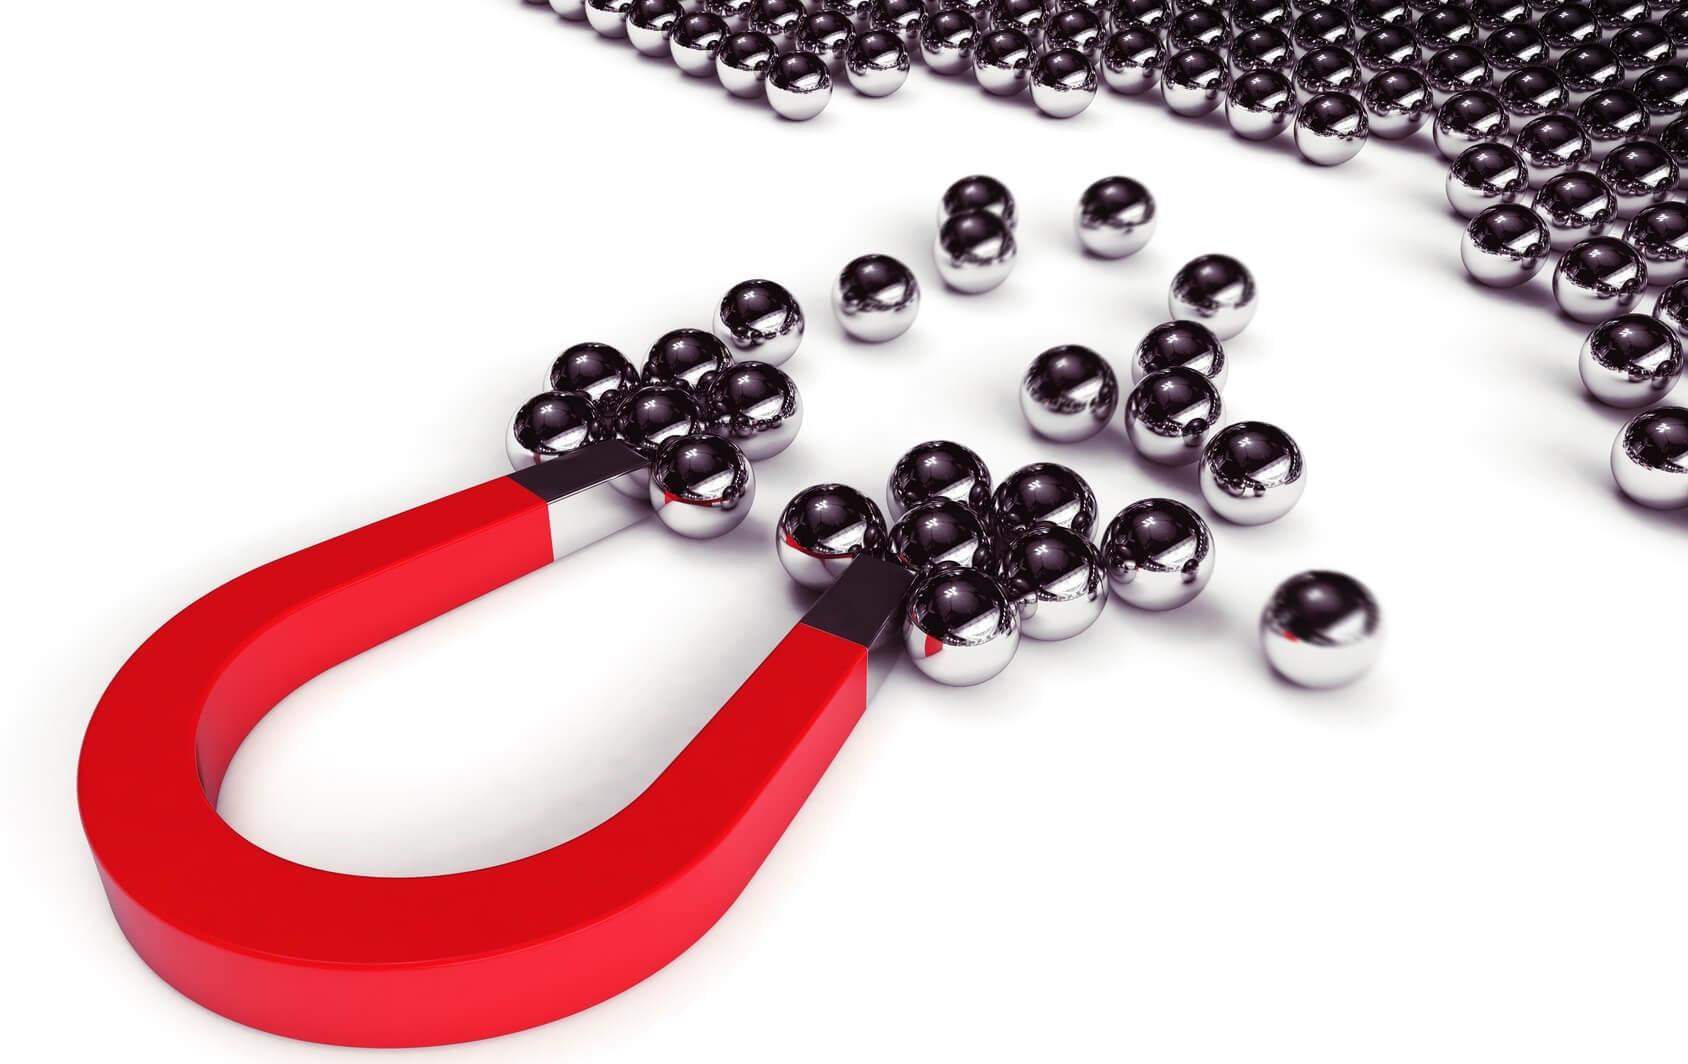 Magnete für Tapete